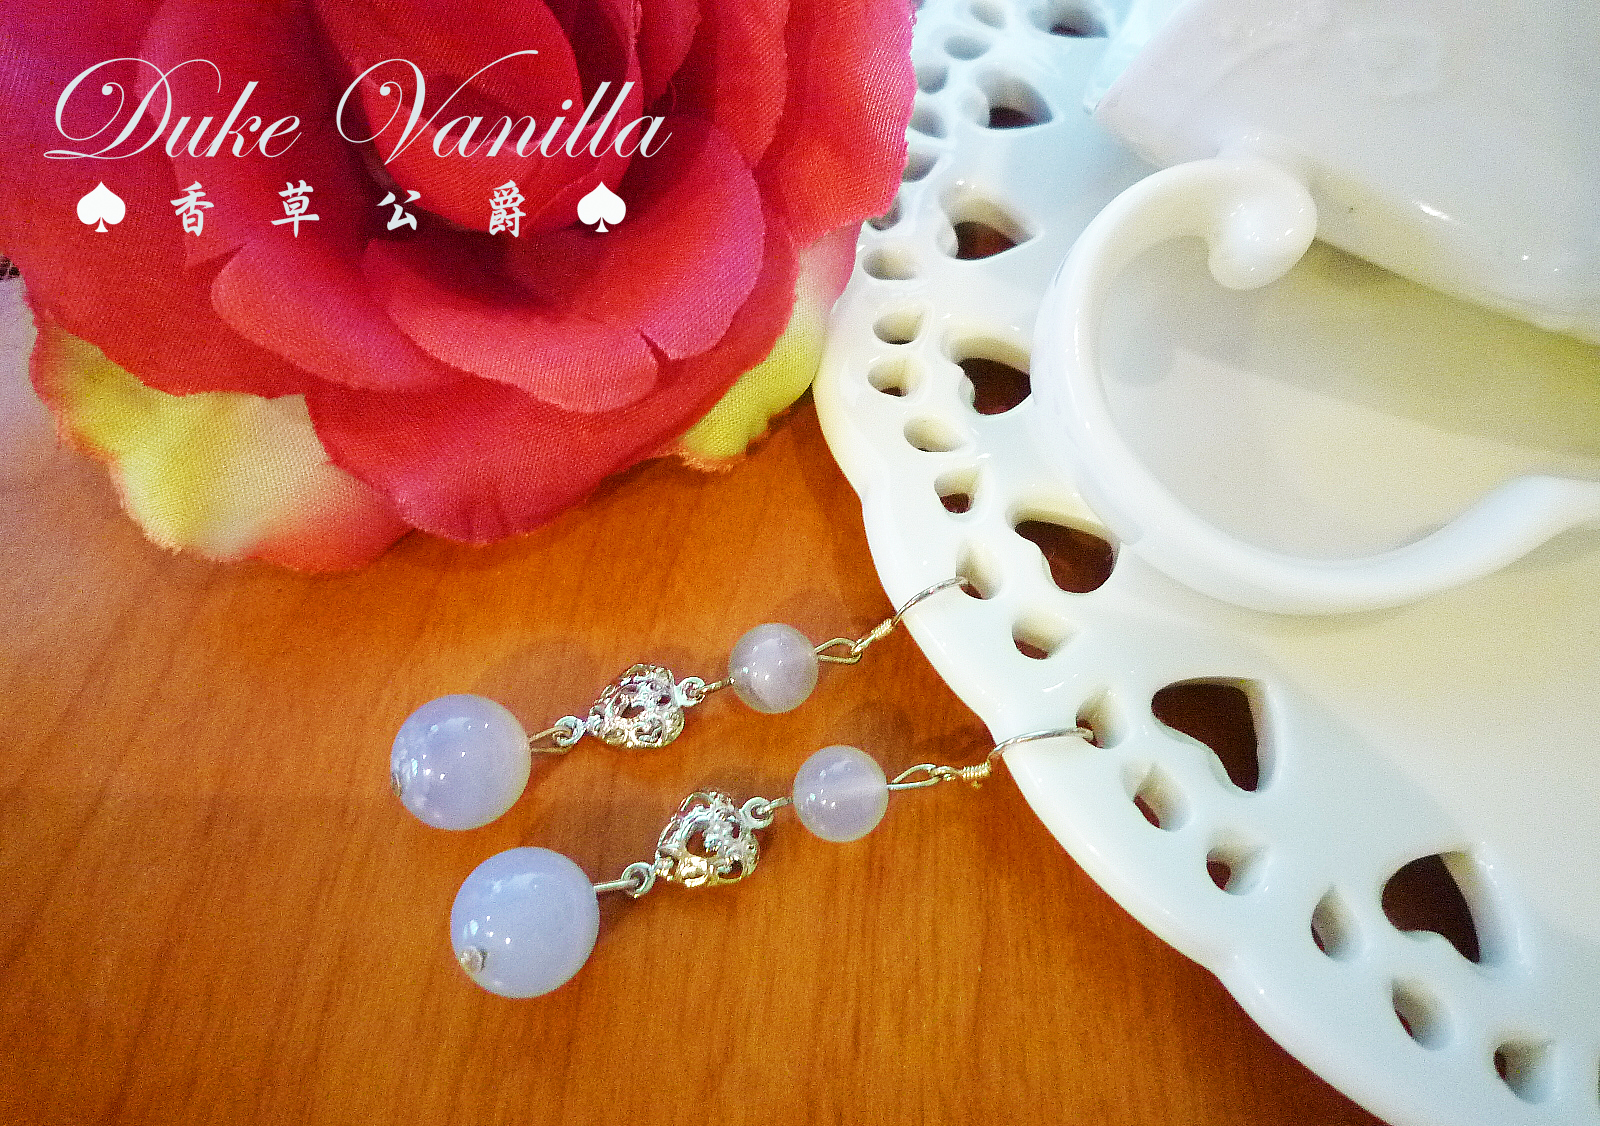 古典美人*天然藍紋石古典耳環 - Duke Vanilla 香草公爵